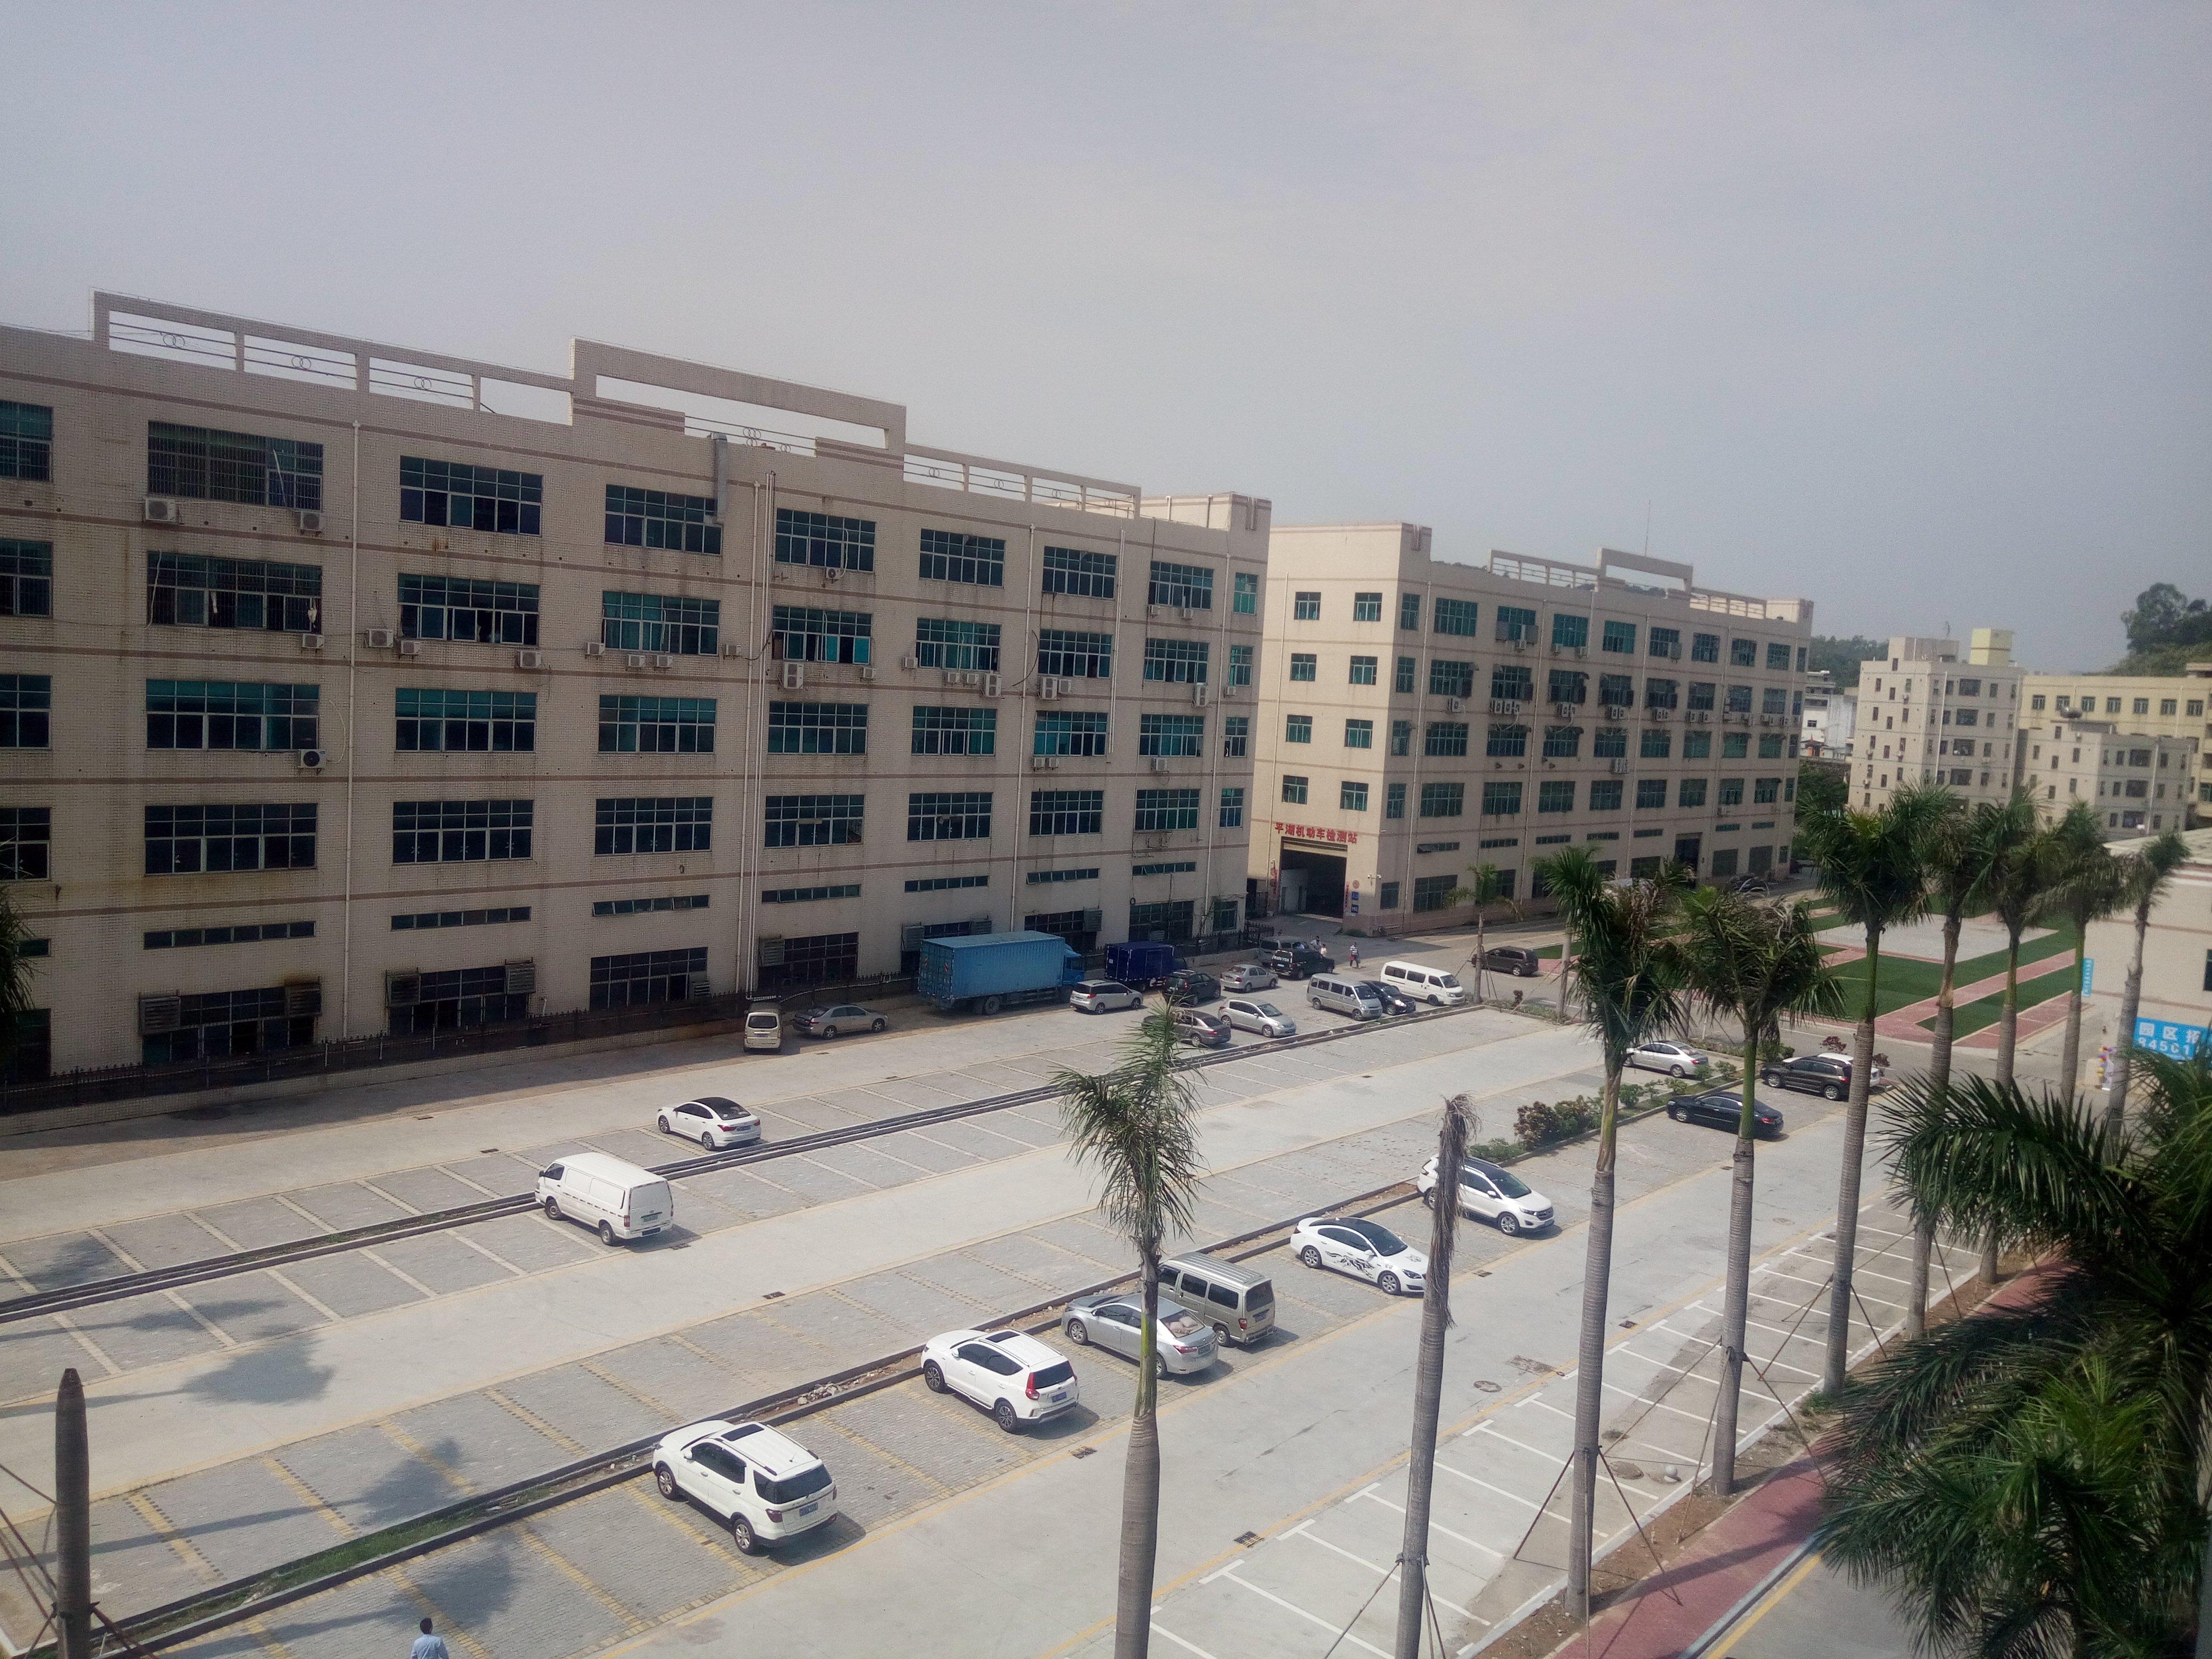 平湖原房东楼上厂房2200平米出租,面积实在无公摊形象大气